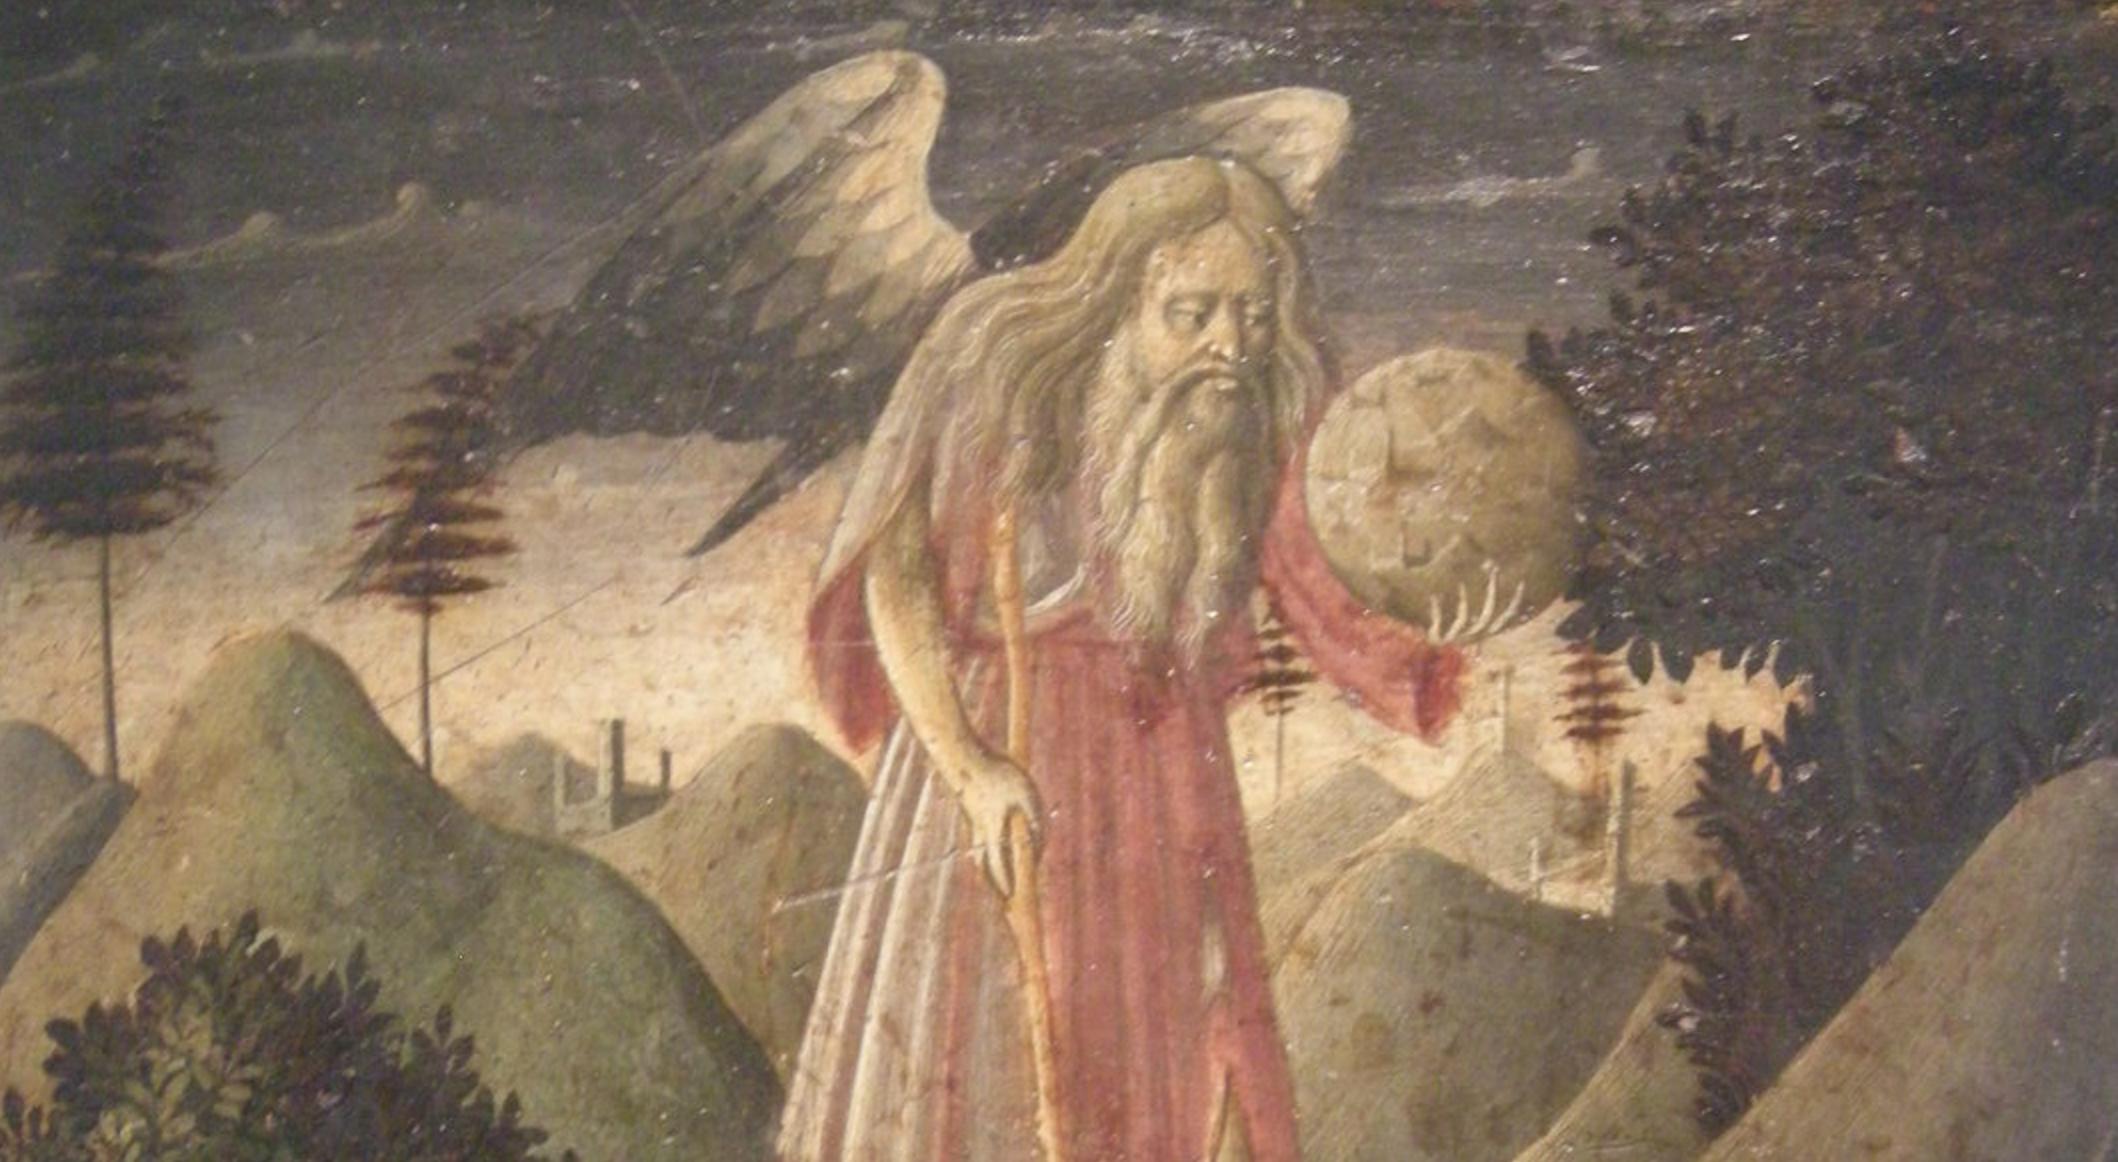 """Trionfo del tempo, Zanobi Strozzi, illustrazione per la novella """"Piccolo uomo indifferente"""" di Matteo Tuveri©www.matteotuveri.it"""